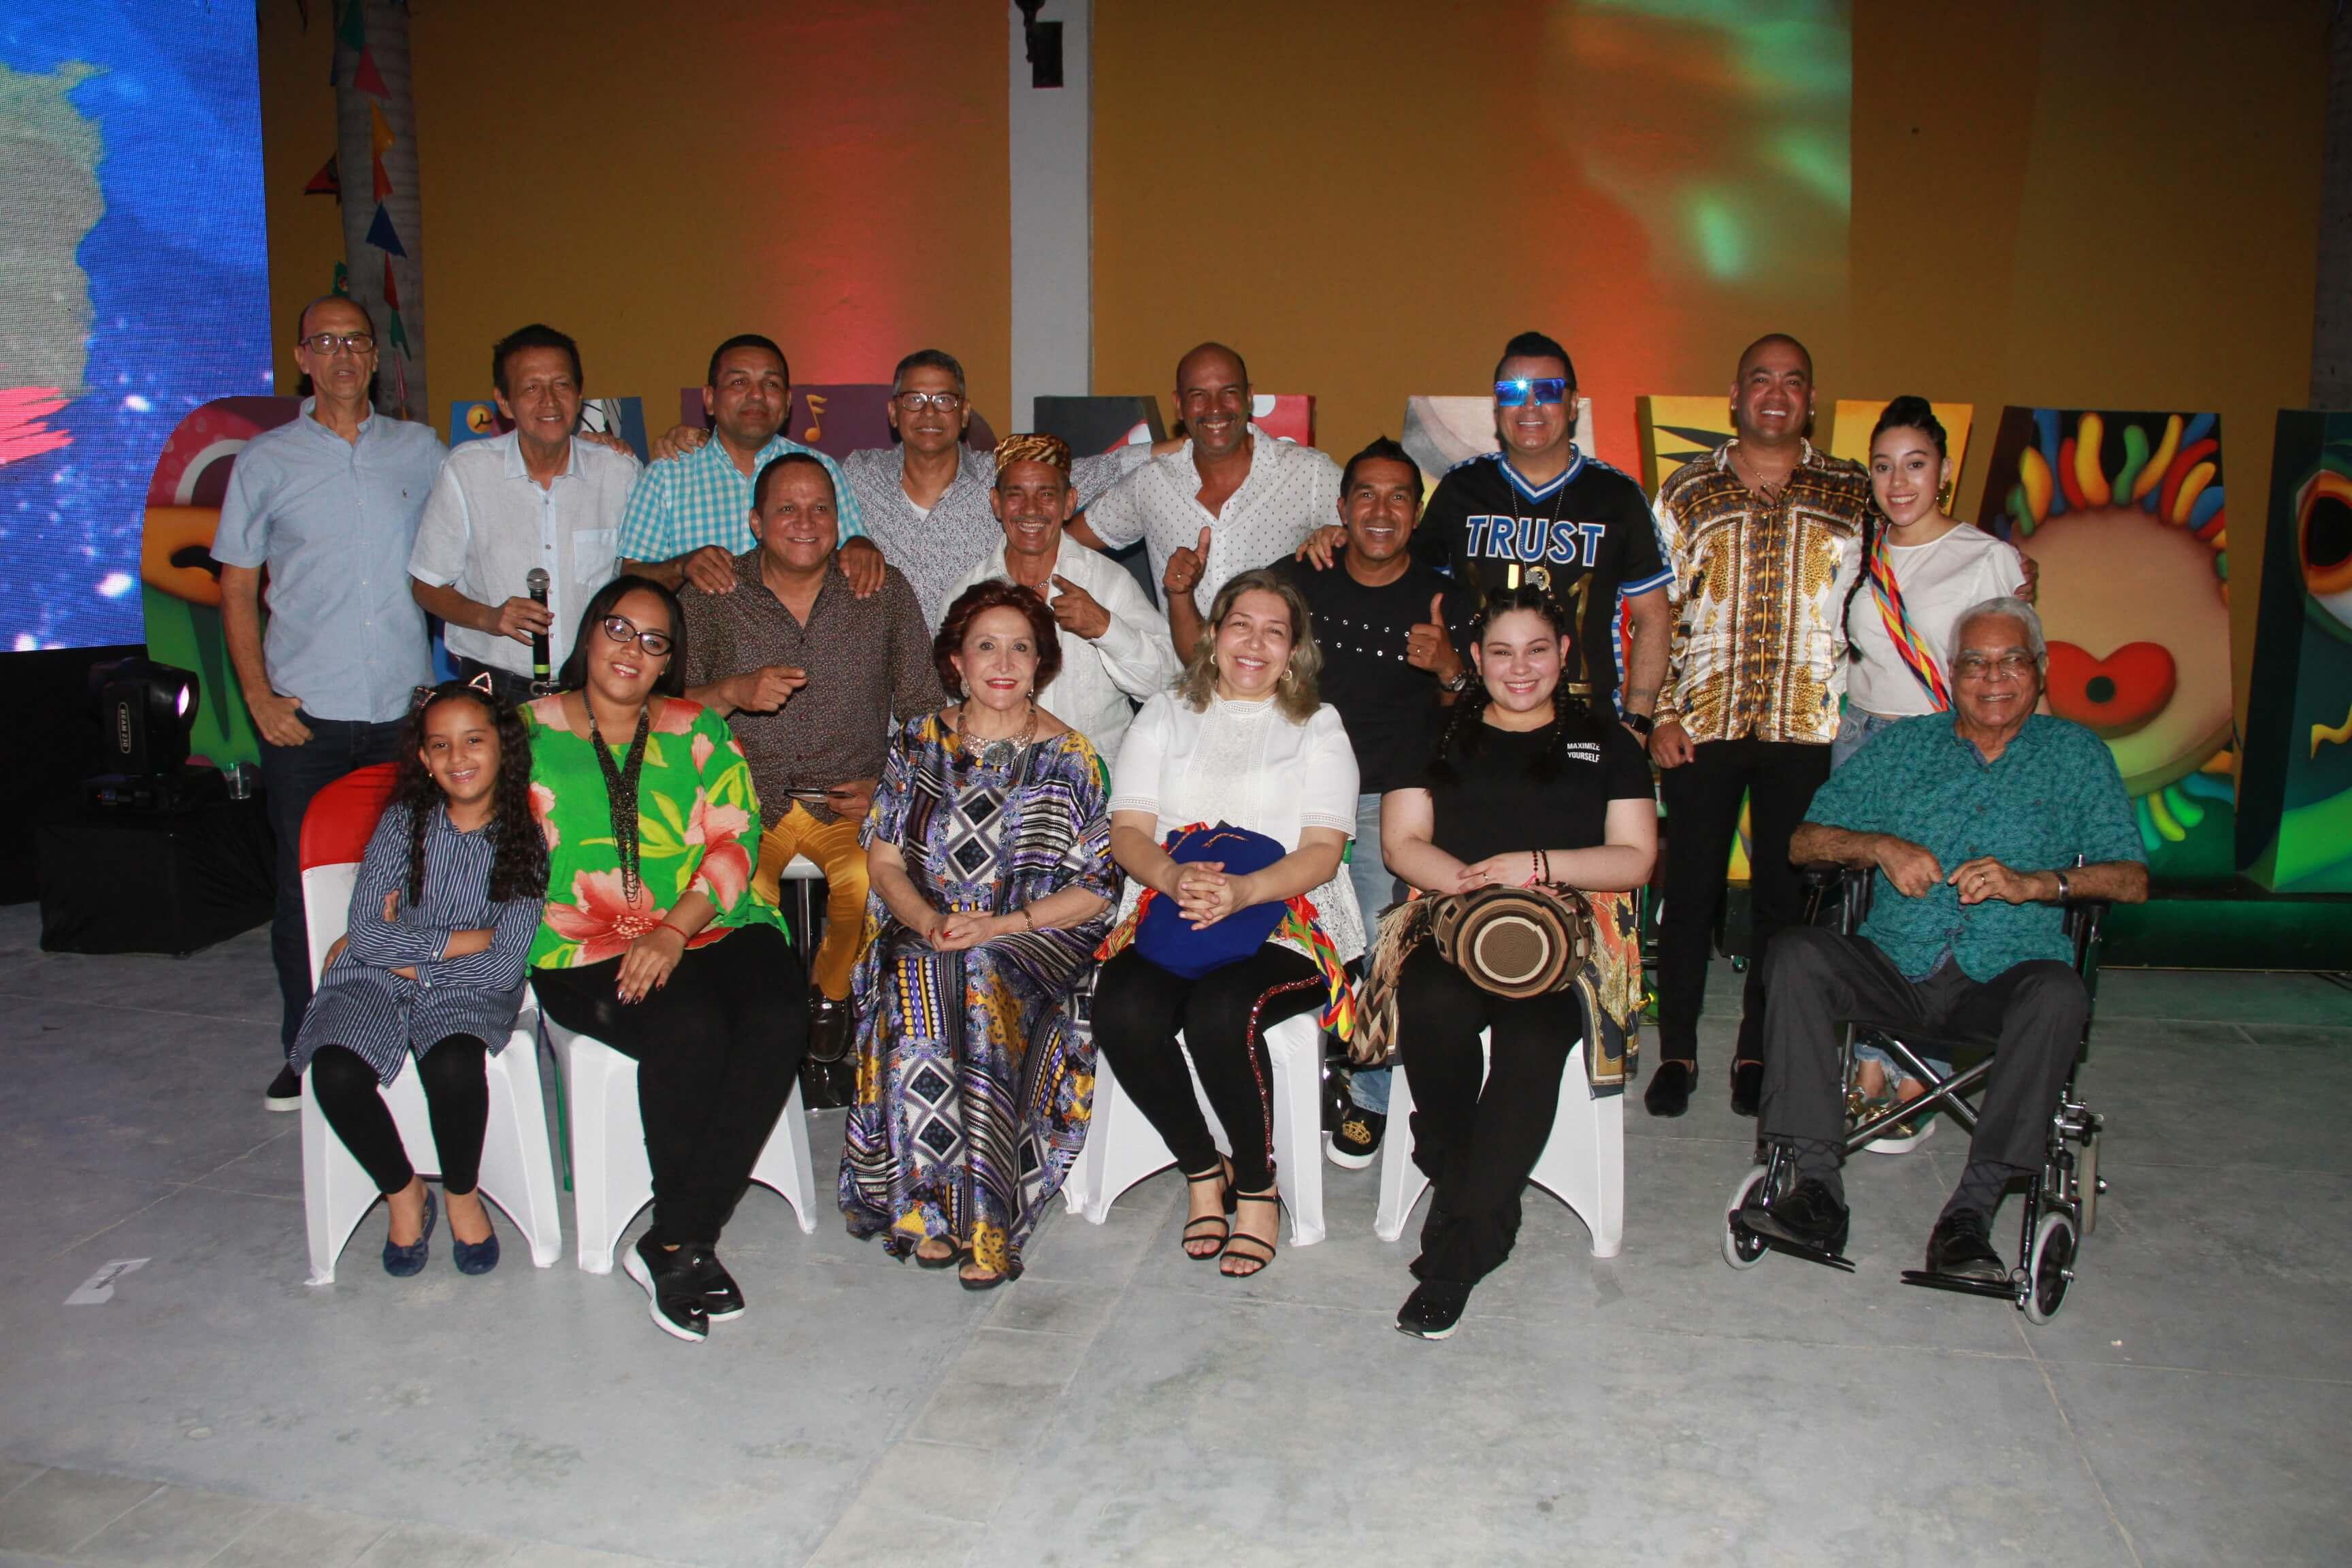 La fiesta musical del Carnaval 2019, inició con homenaje al Joe Arroyo